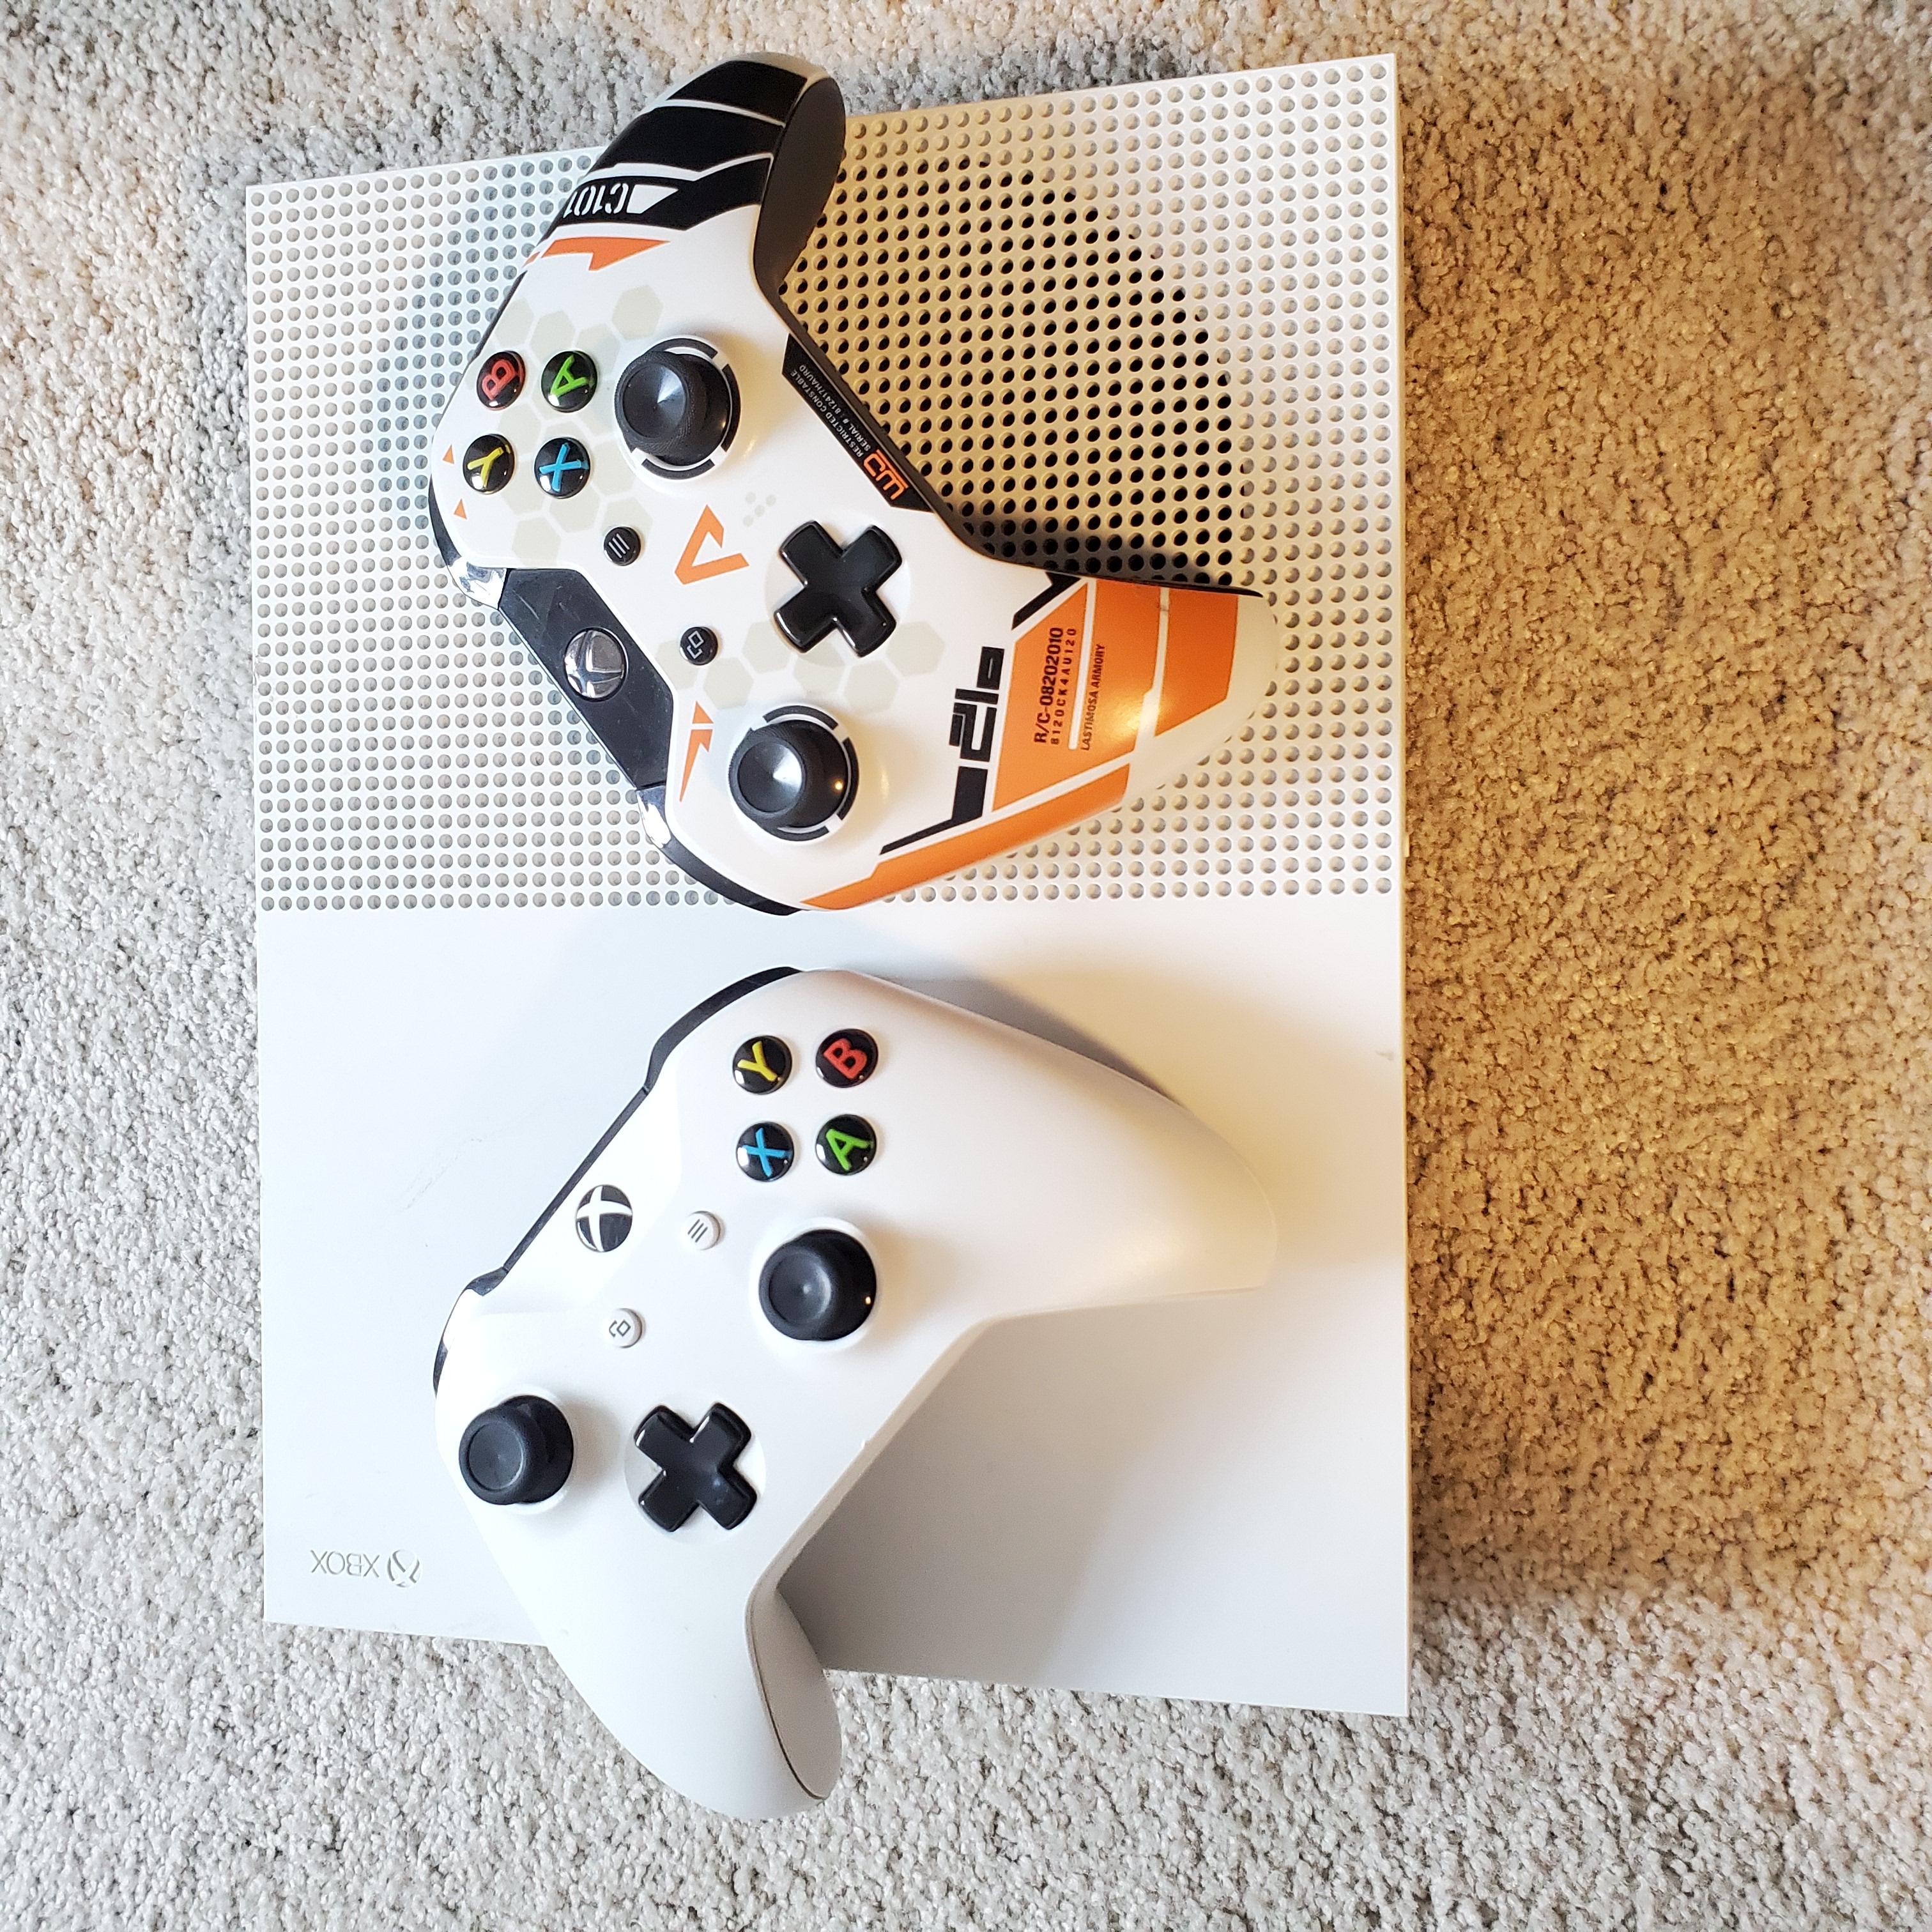 $220 出Xbox One S 送两个手柄